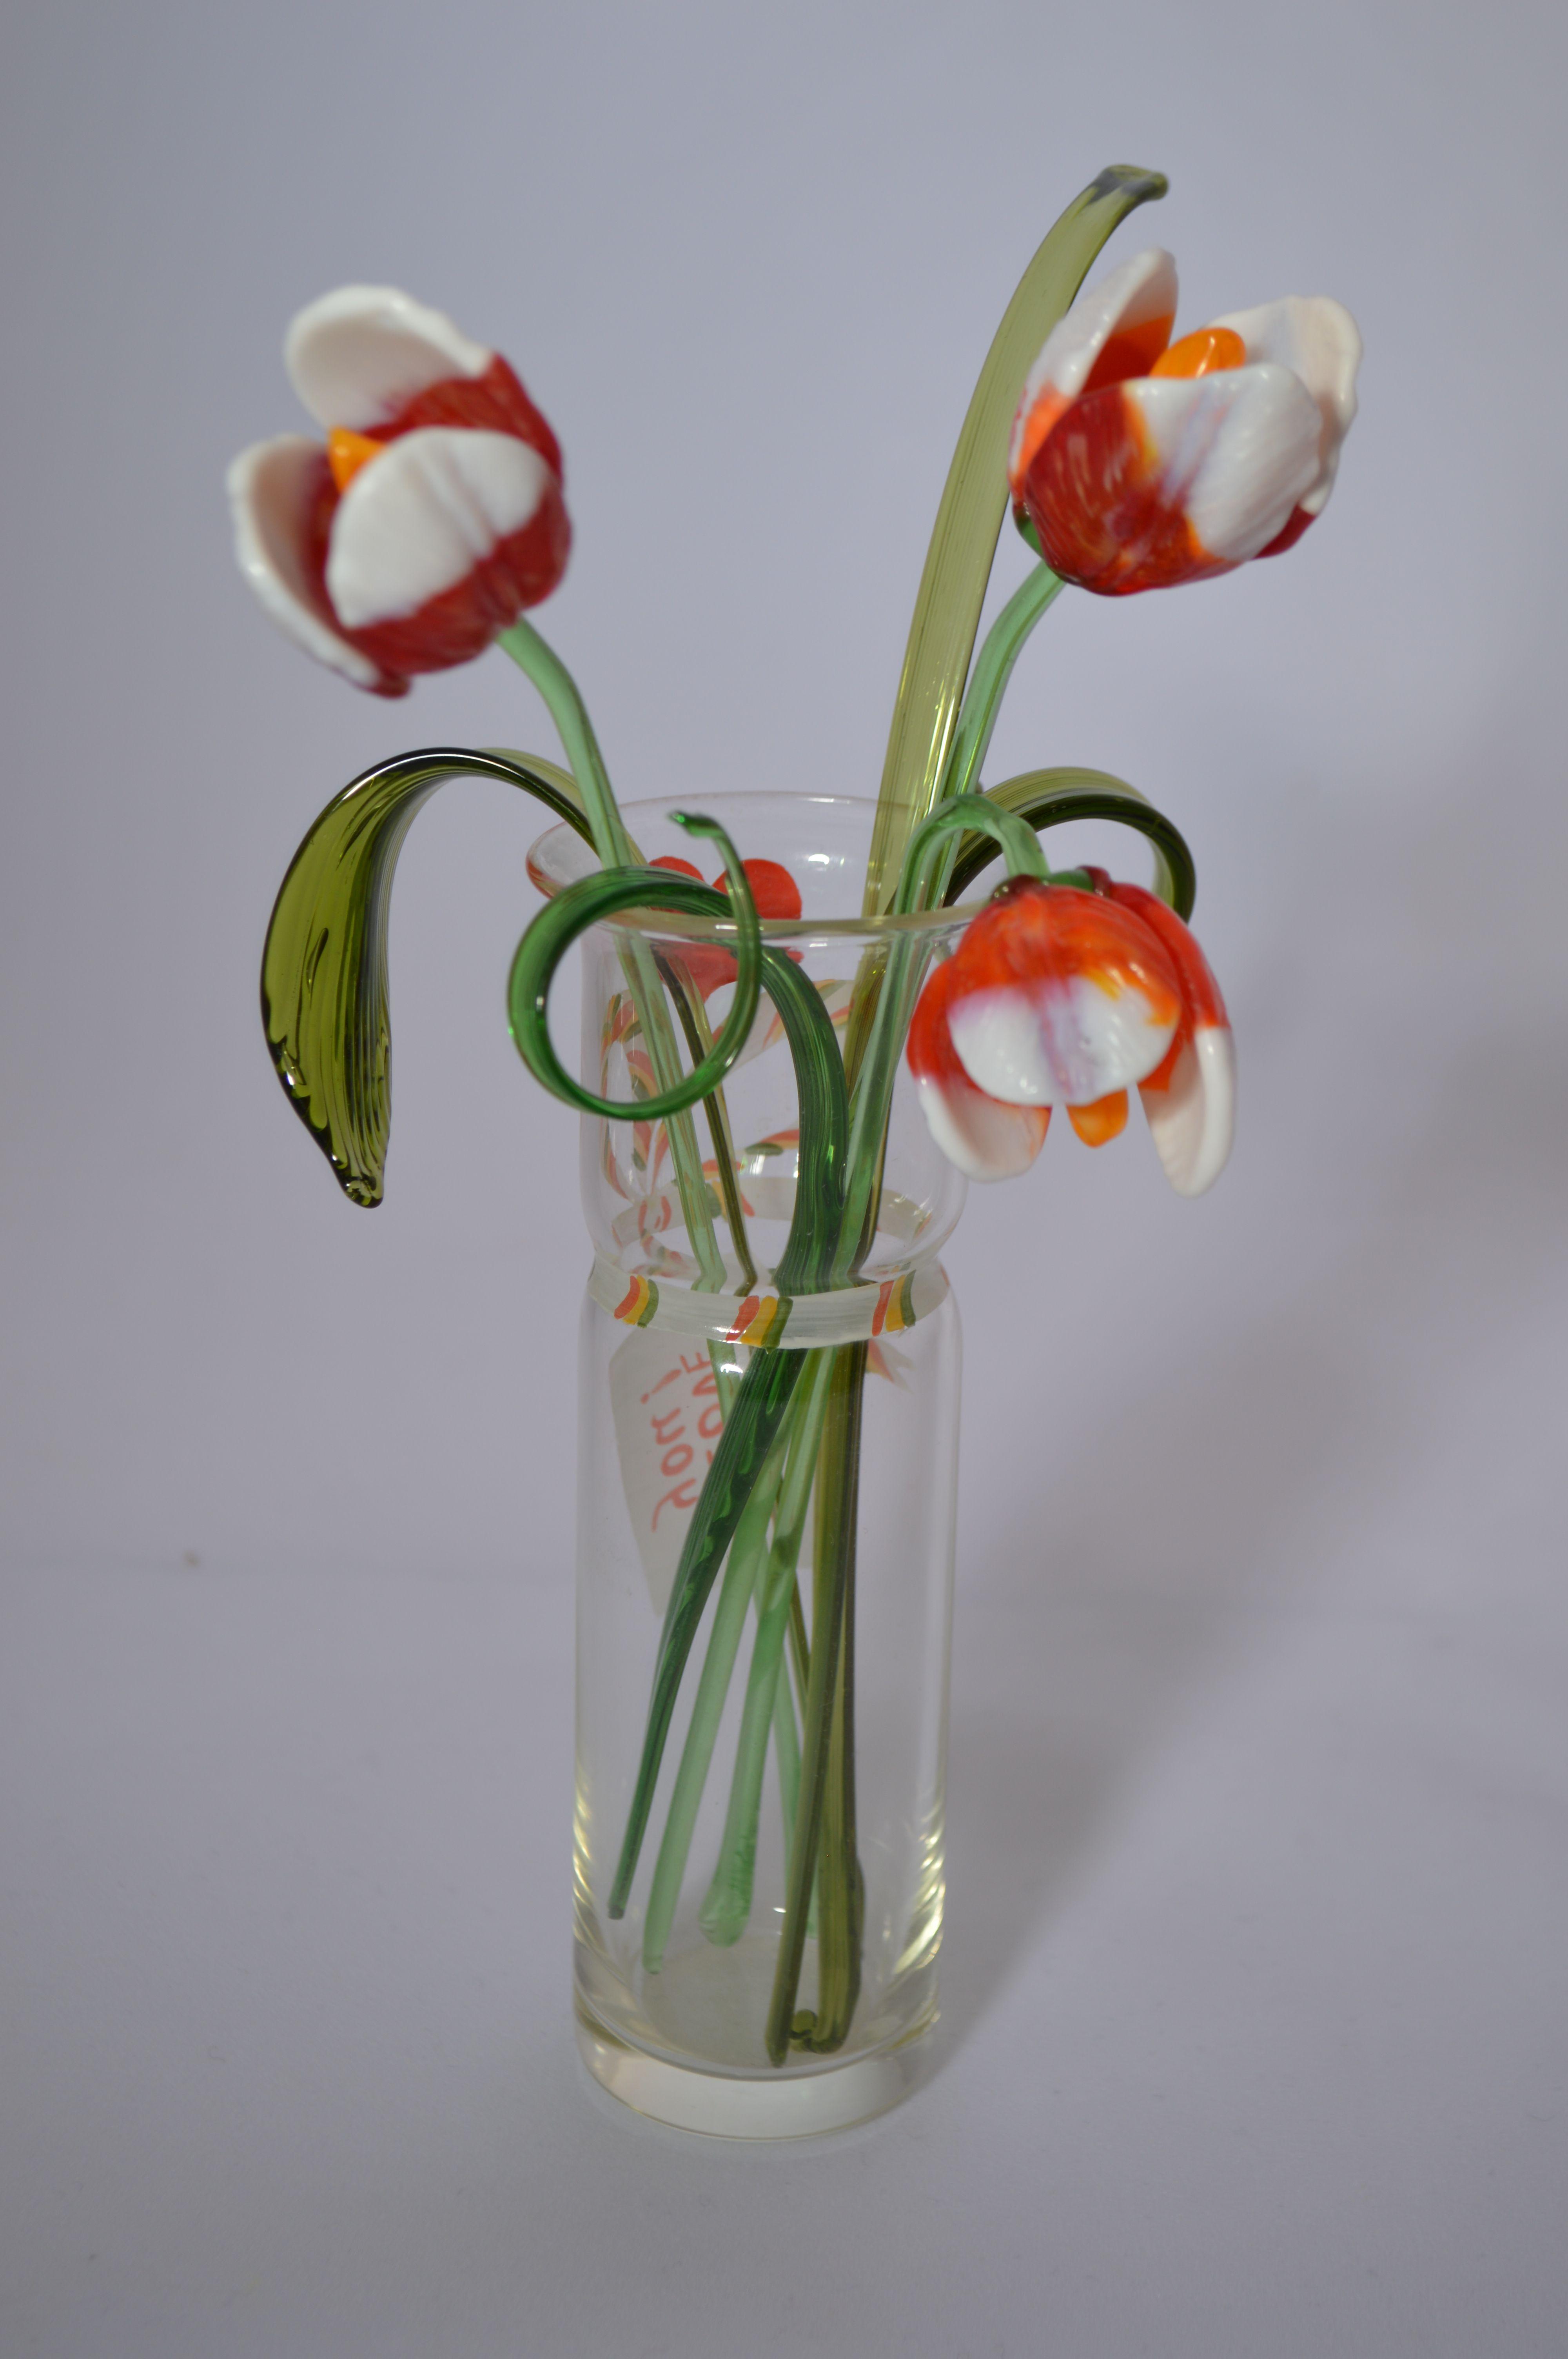 Букет 1 из трех тюльпанов в вазочке, цветное стекло от Ravta